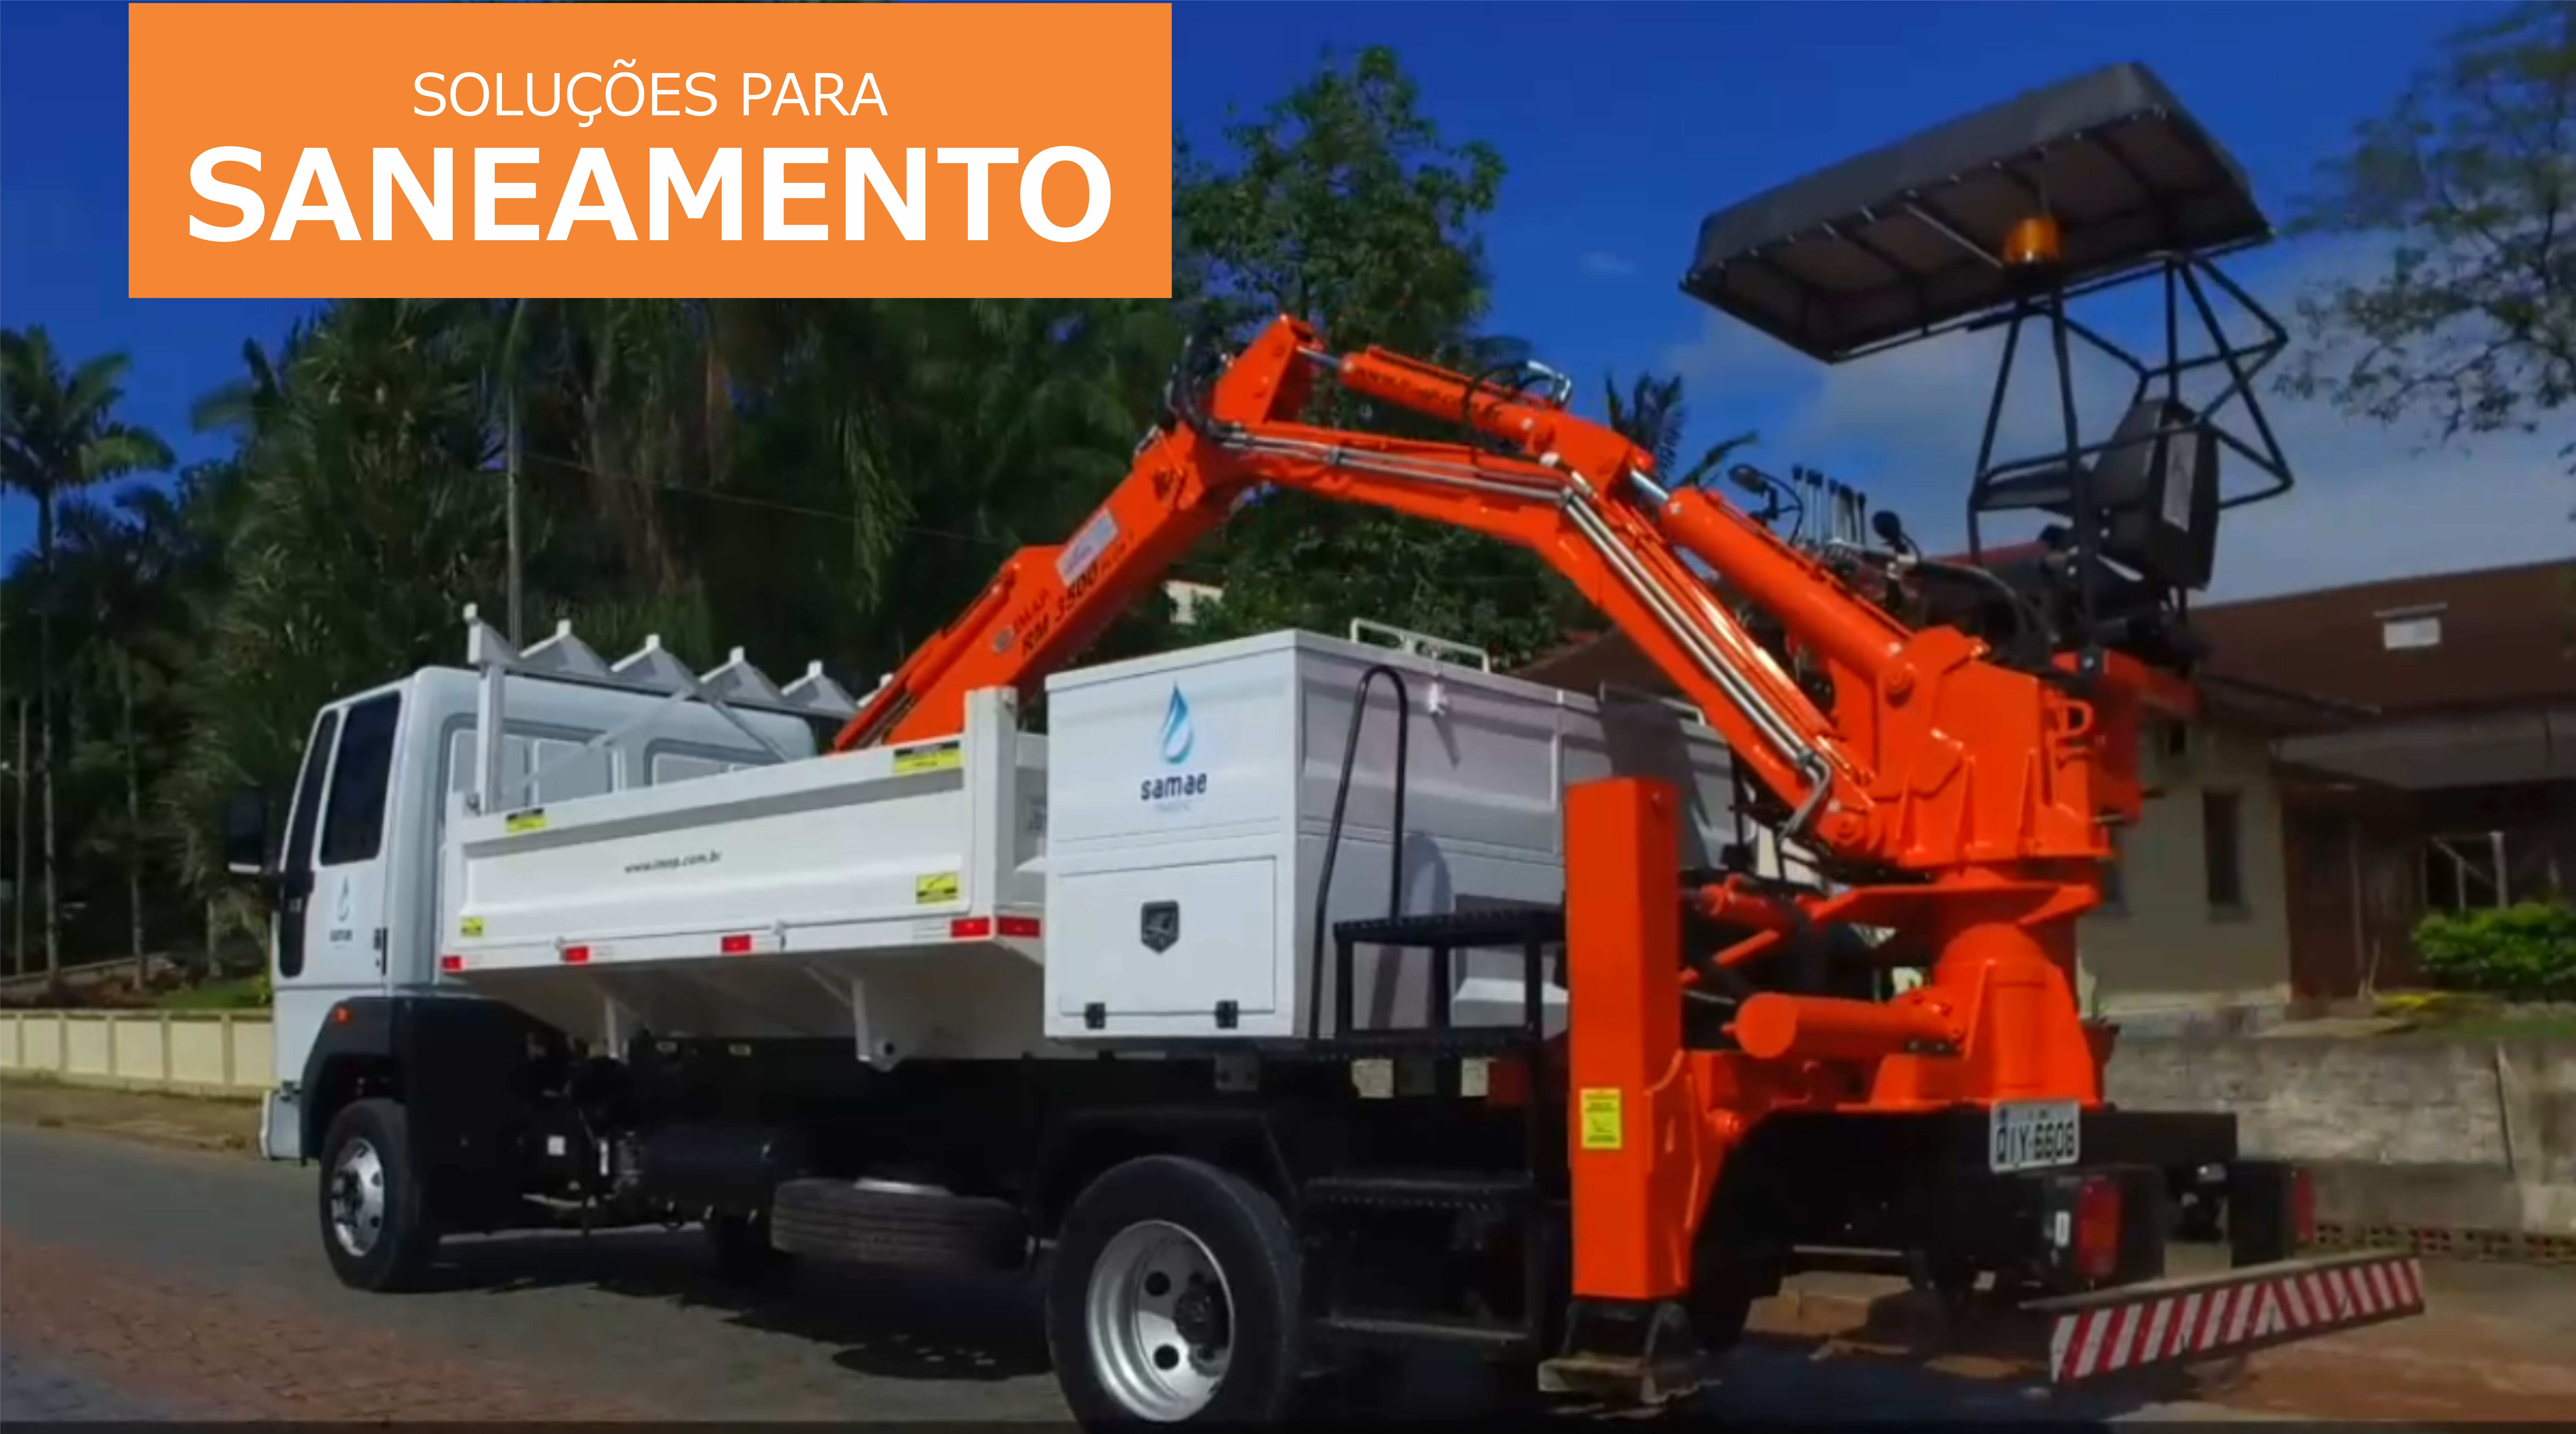 Tumbnail 2 13 09 2019 - Novidade em Retros para Saneamento e manutenção de municípios